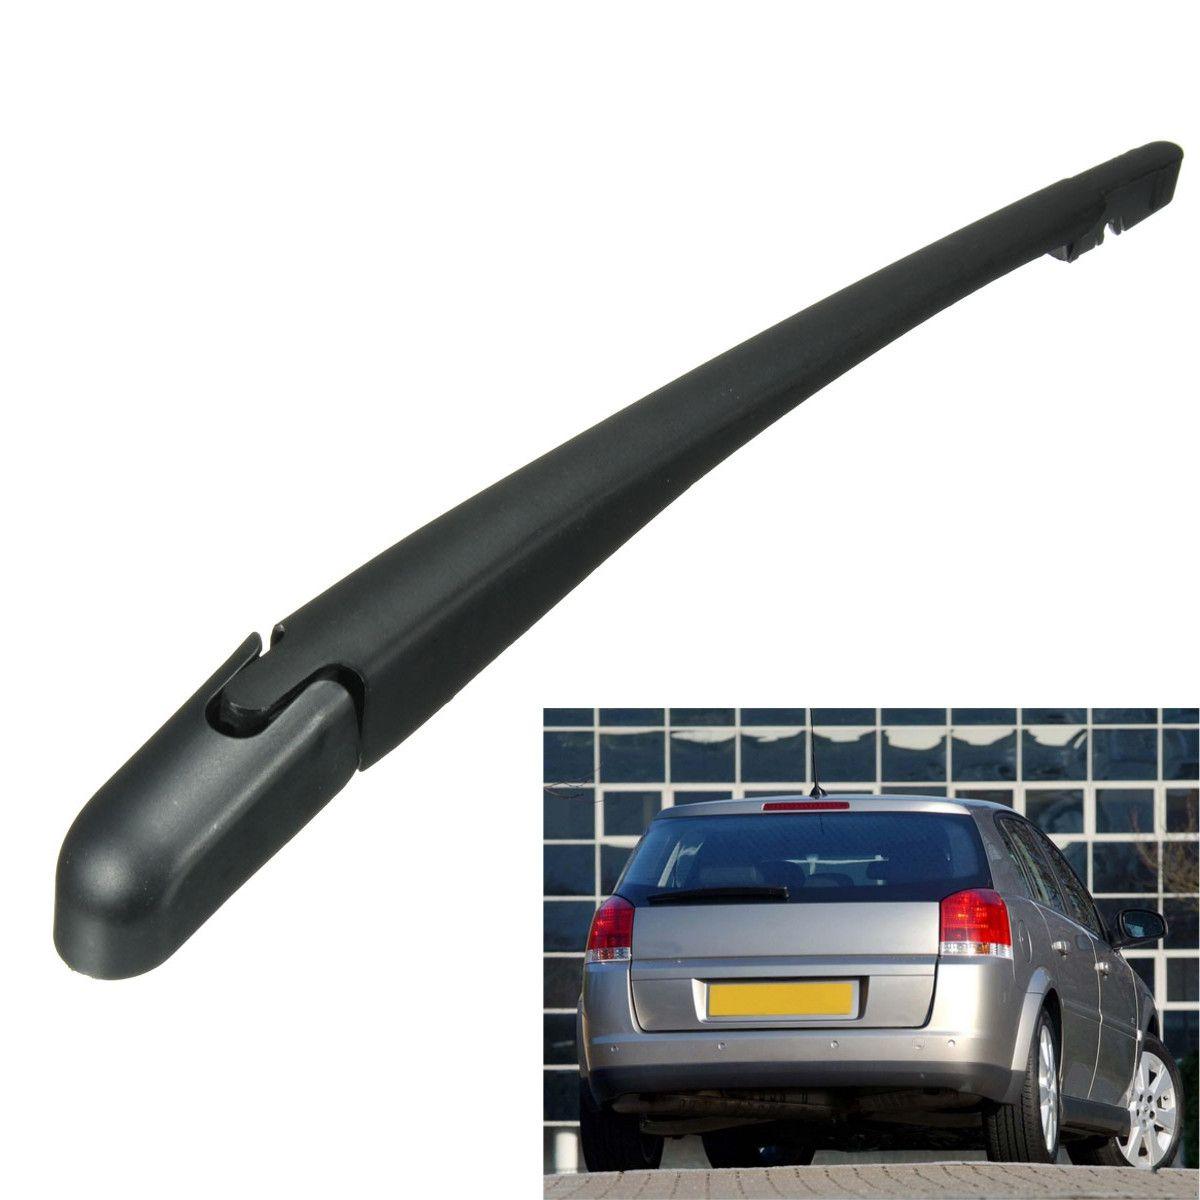 Car Rear Window Windshield Wiper Arm Plastic Replace Black For Vauxhall Opel ZafIira B MK2 2005-2011